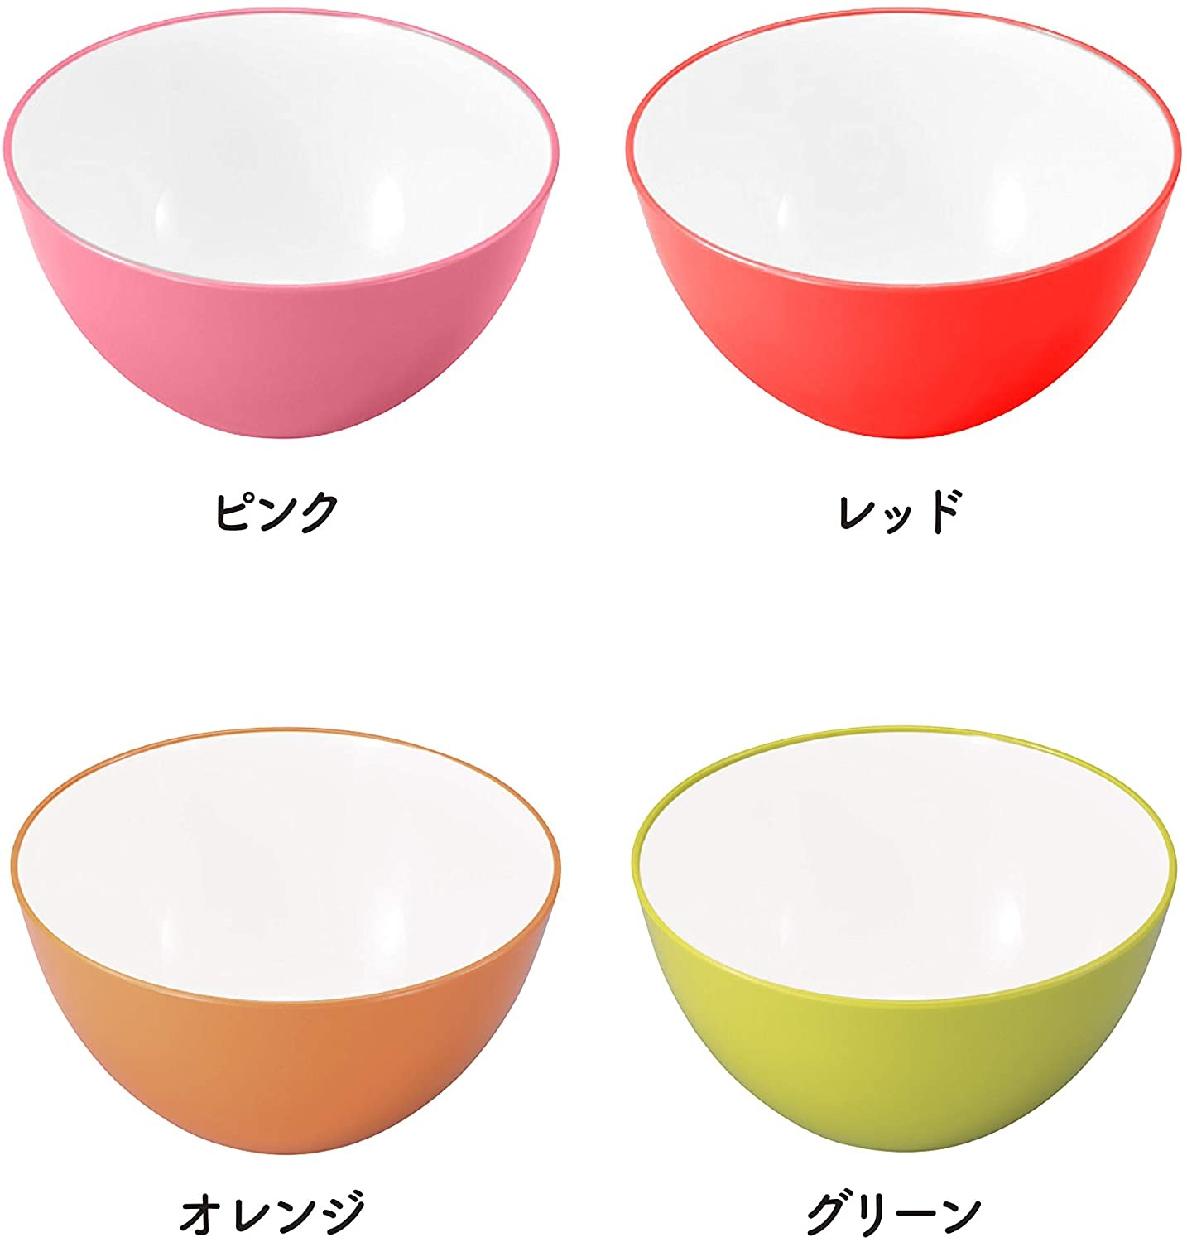 シービージャパン 耐熱ボウルの商品画像7